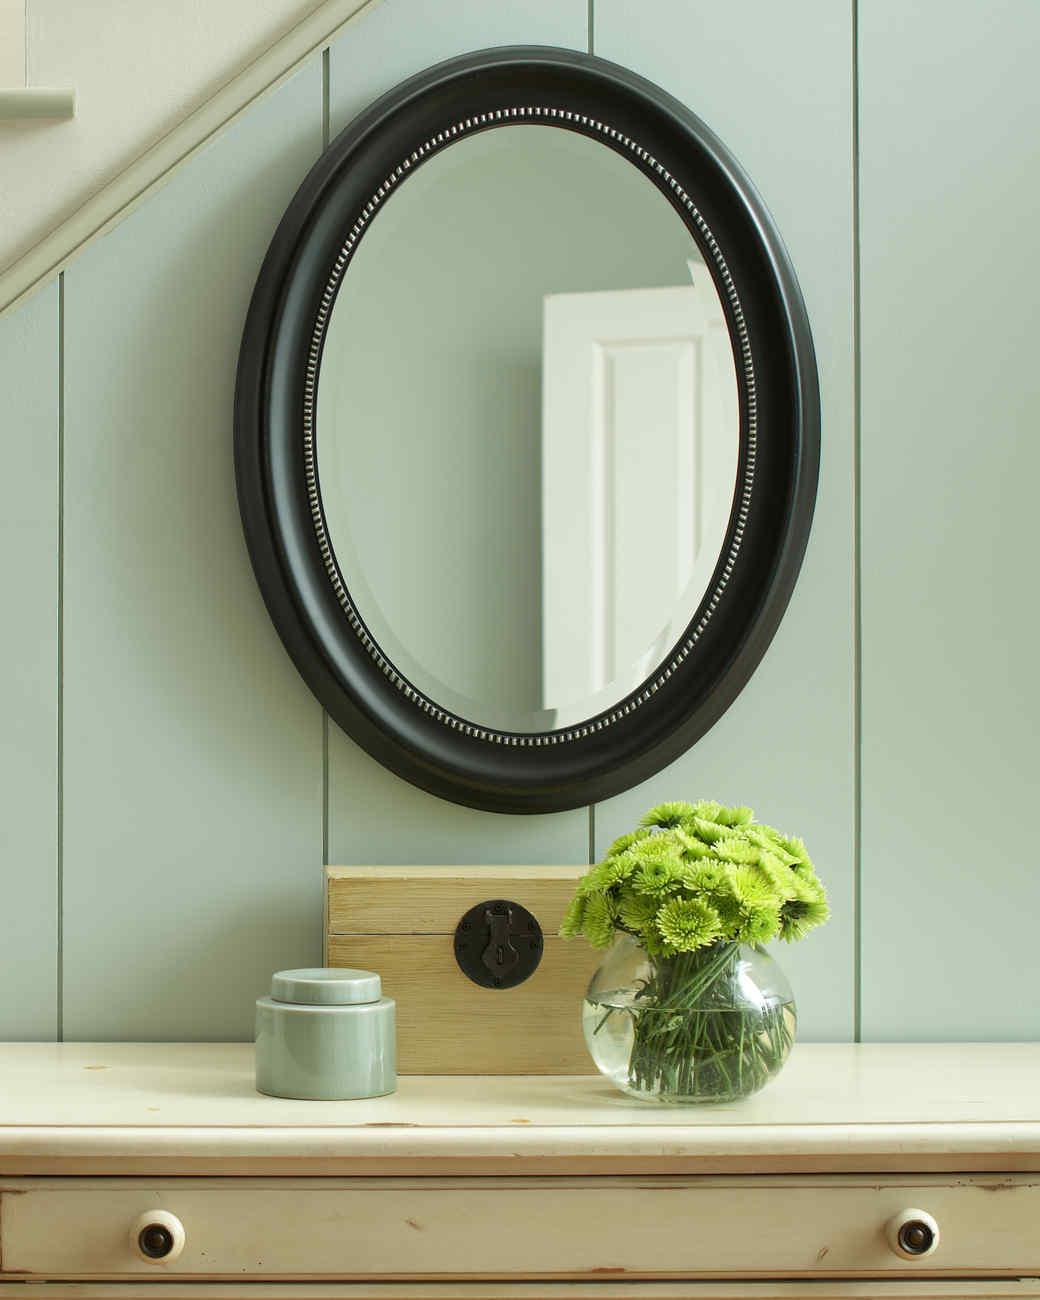 thd-mirror1-mrkt-1212.jpg